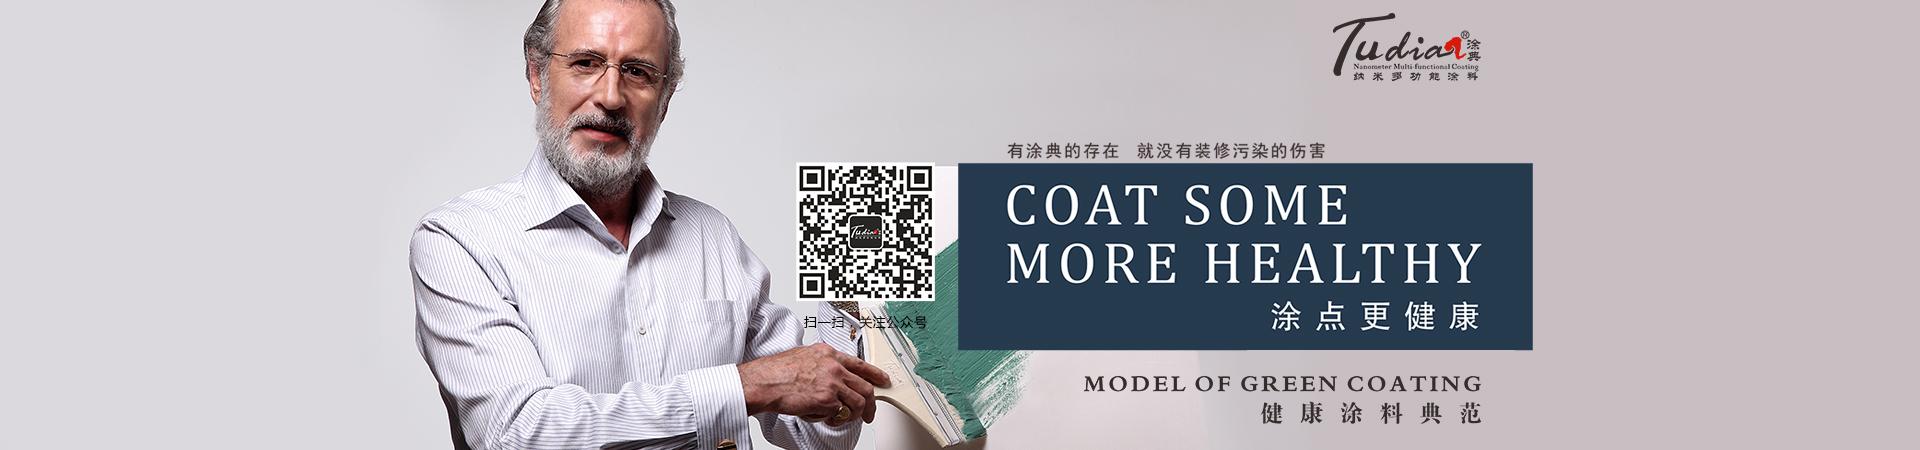 广东沃德环保新材料有限公司